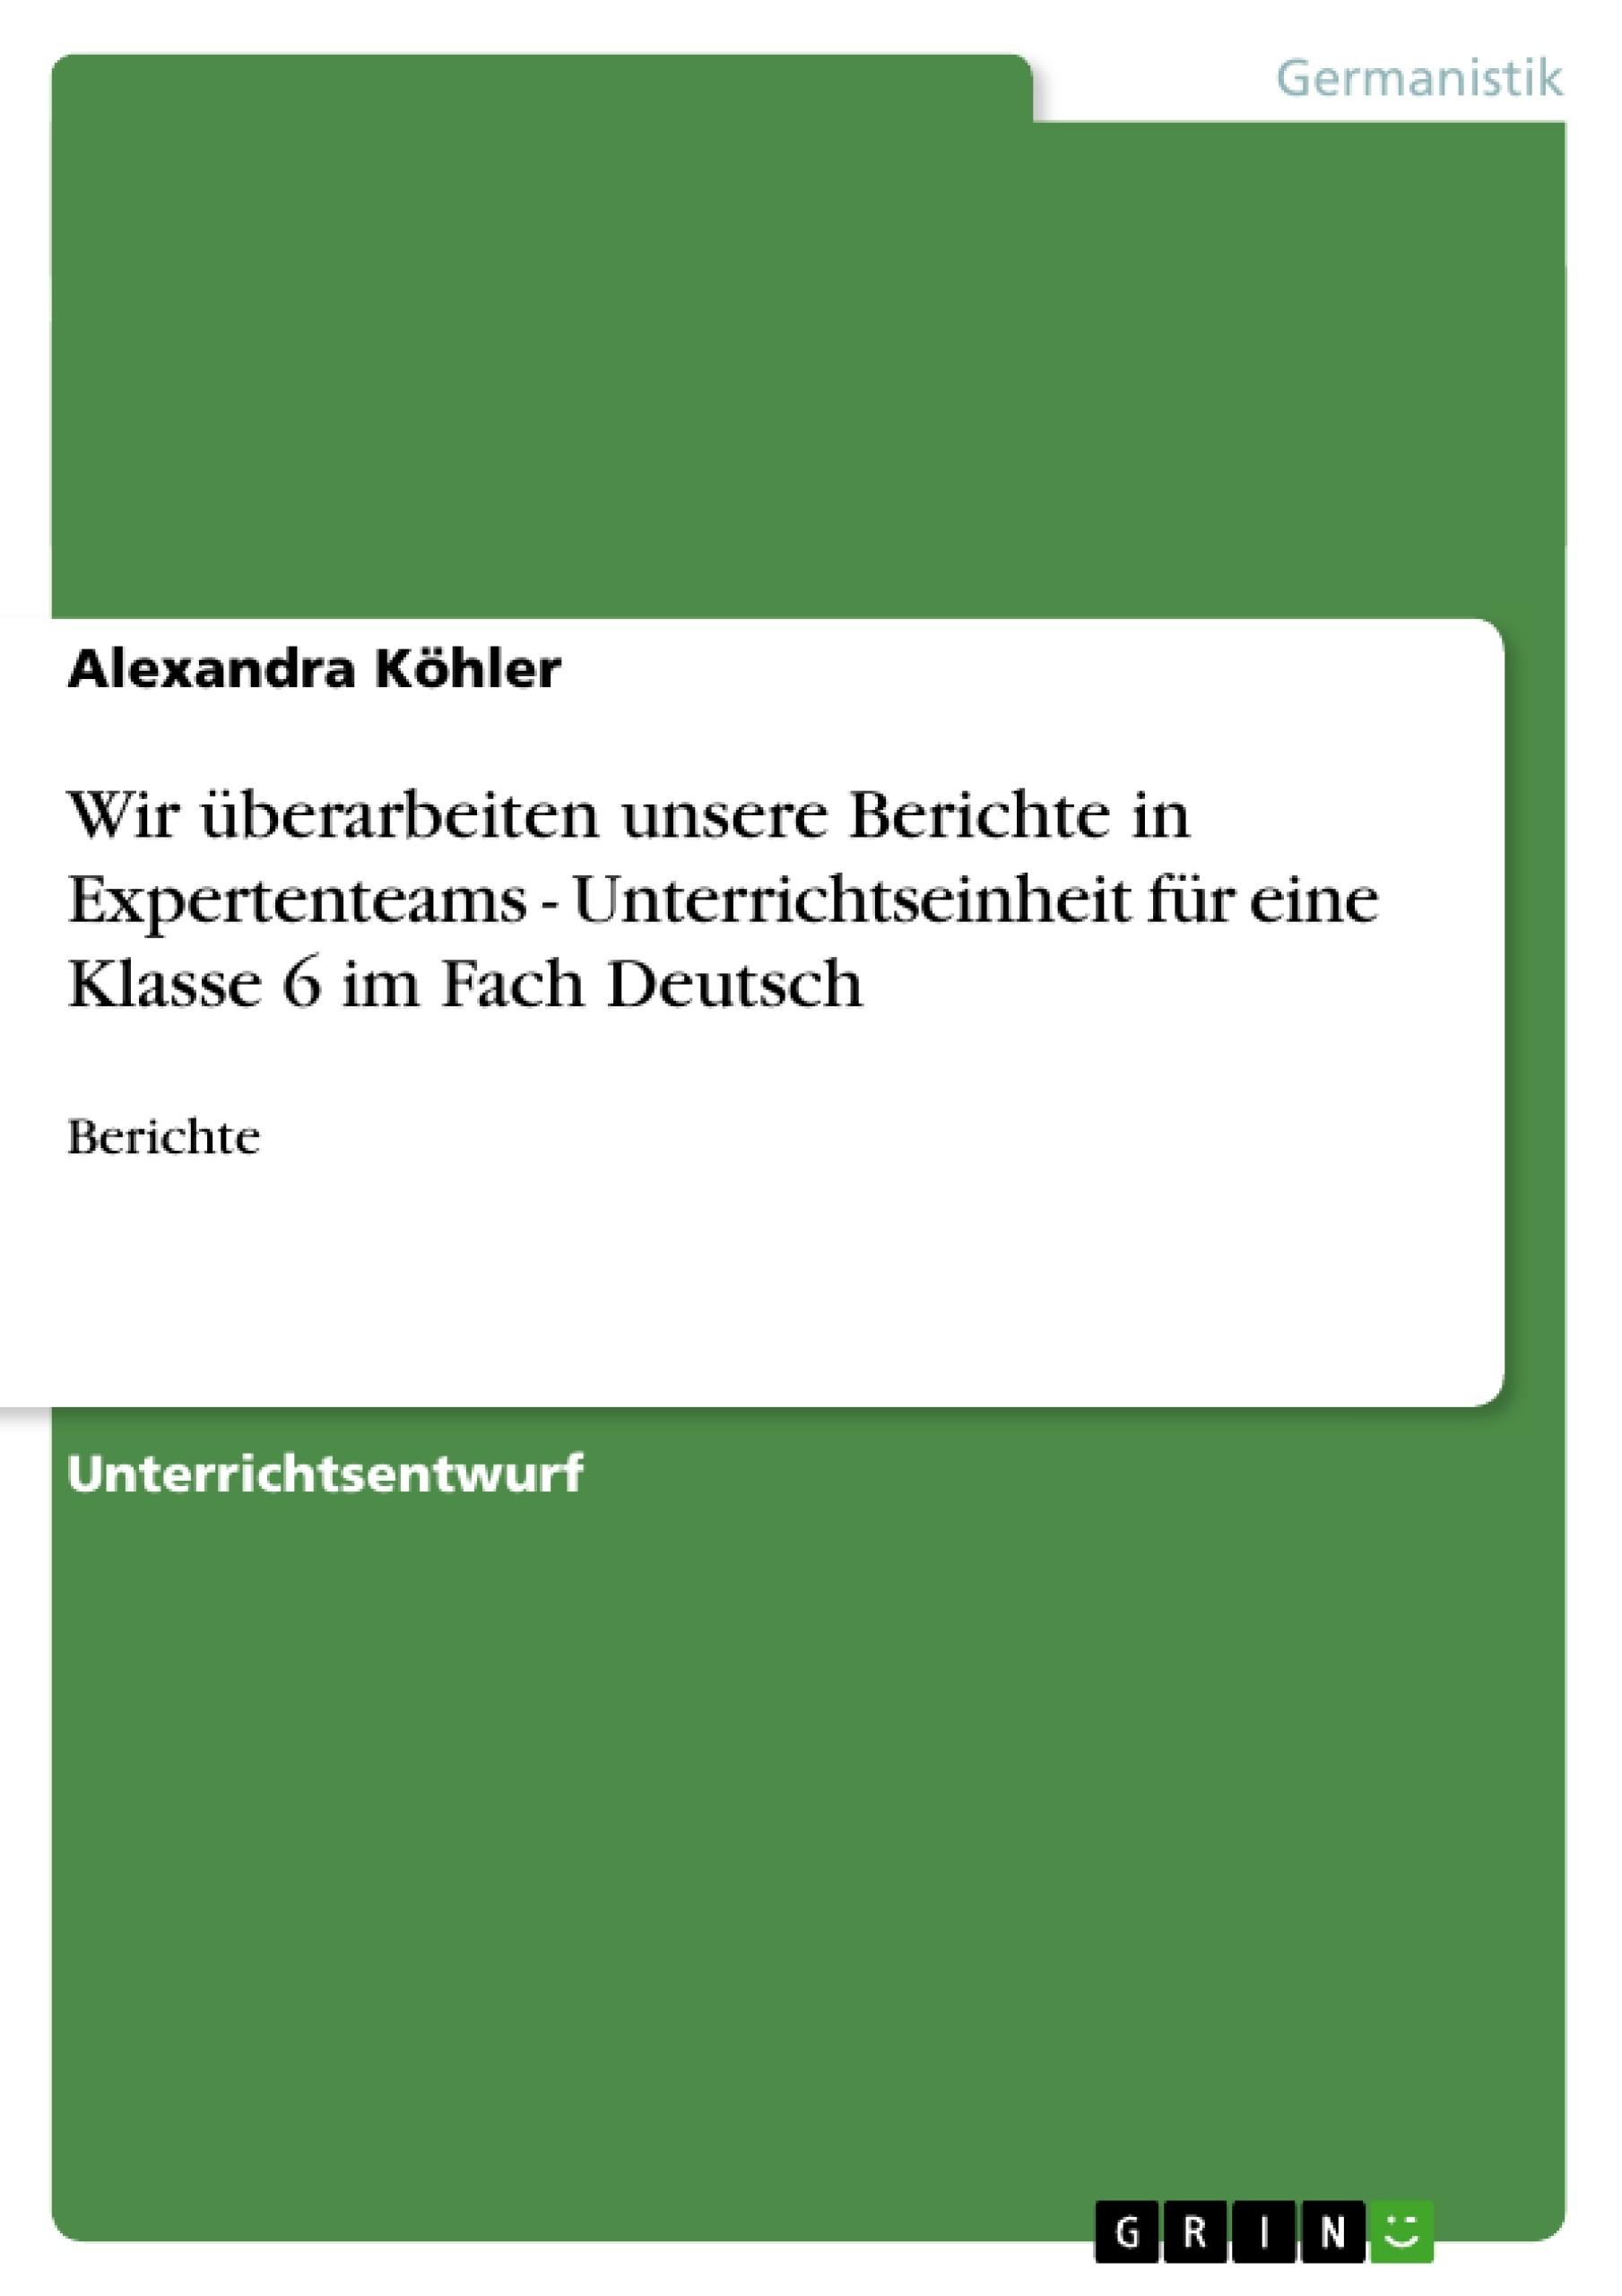 Titel: Wir überarbeiten unsere Berichte in Expertenteams - Unterrichtseinheit für eine Klasse 6 im Fach Deutsch